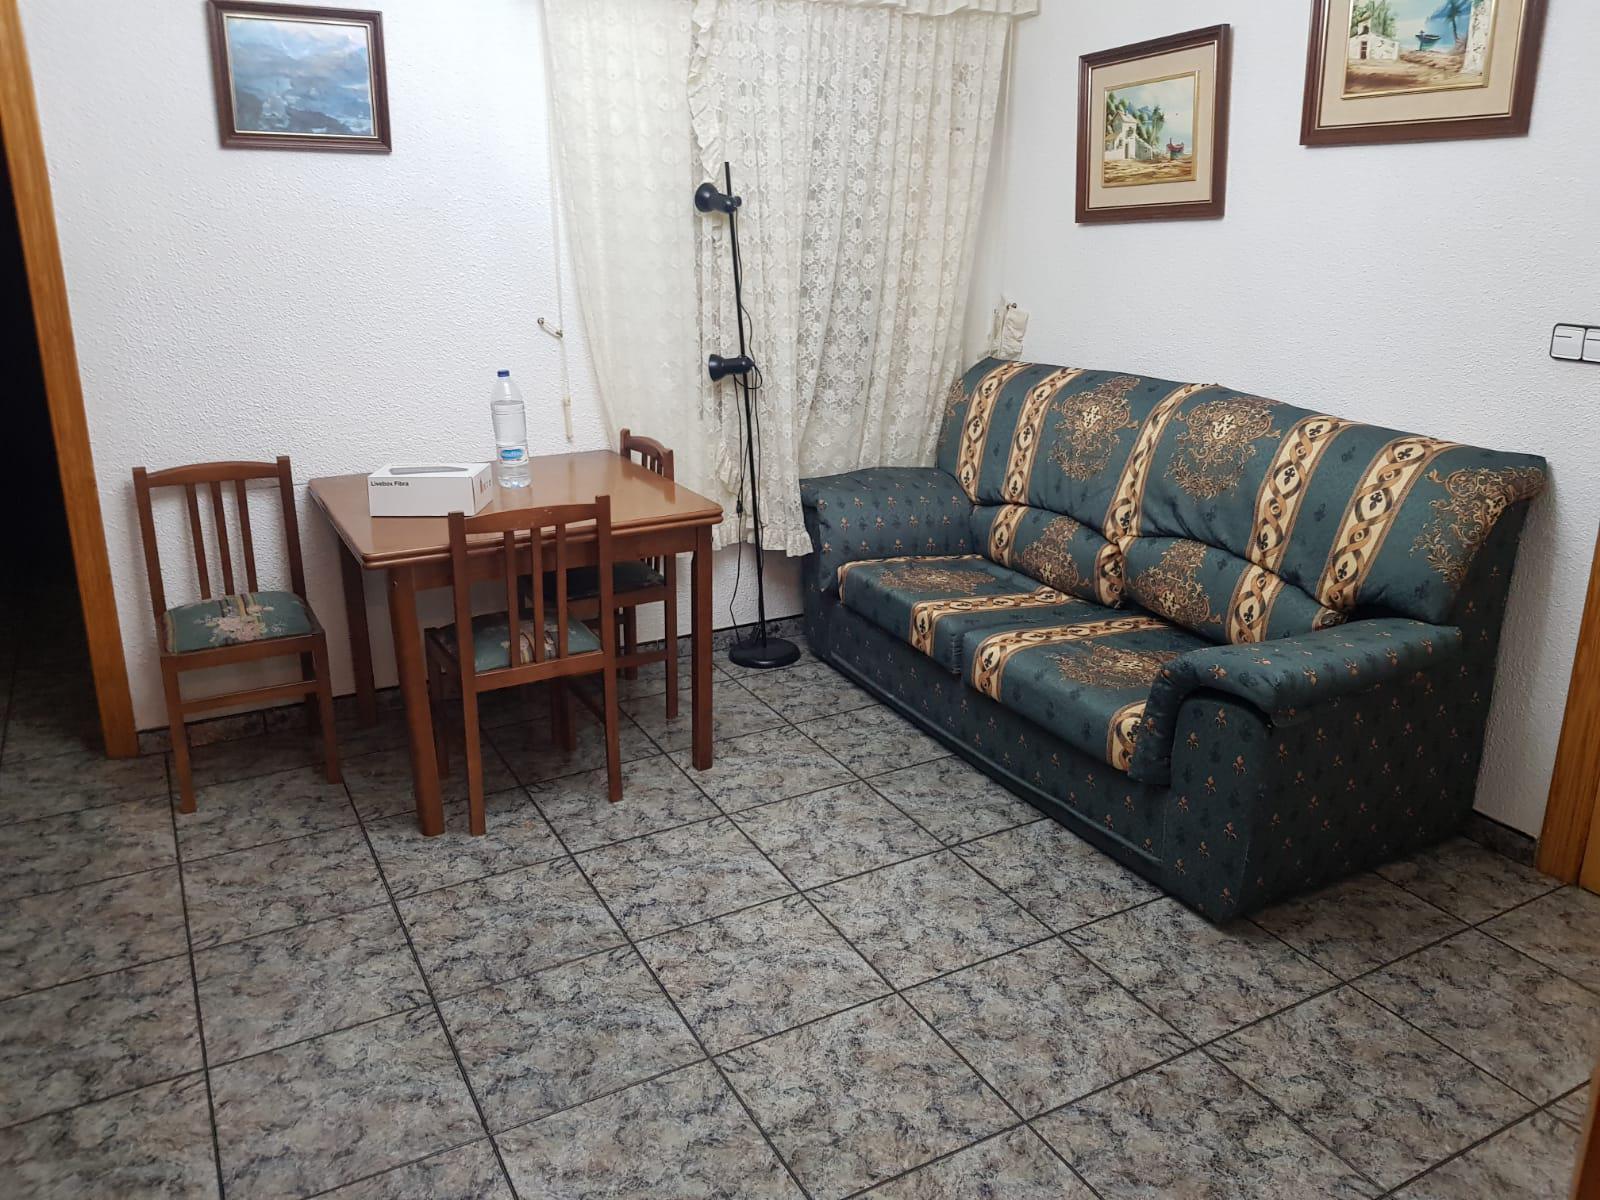 Imagen 3 Apartamento en venta en Elda / Piso primero en Elda, zona Acacias-Avenida de Madrid